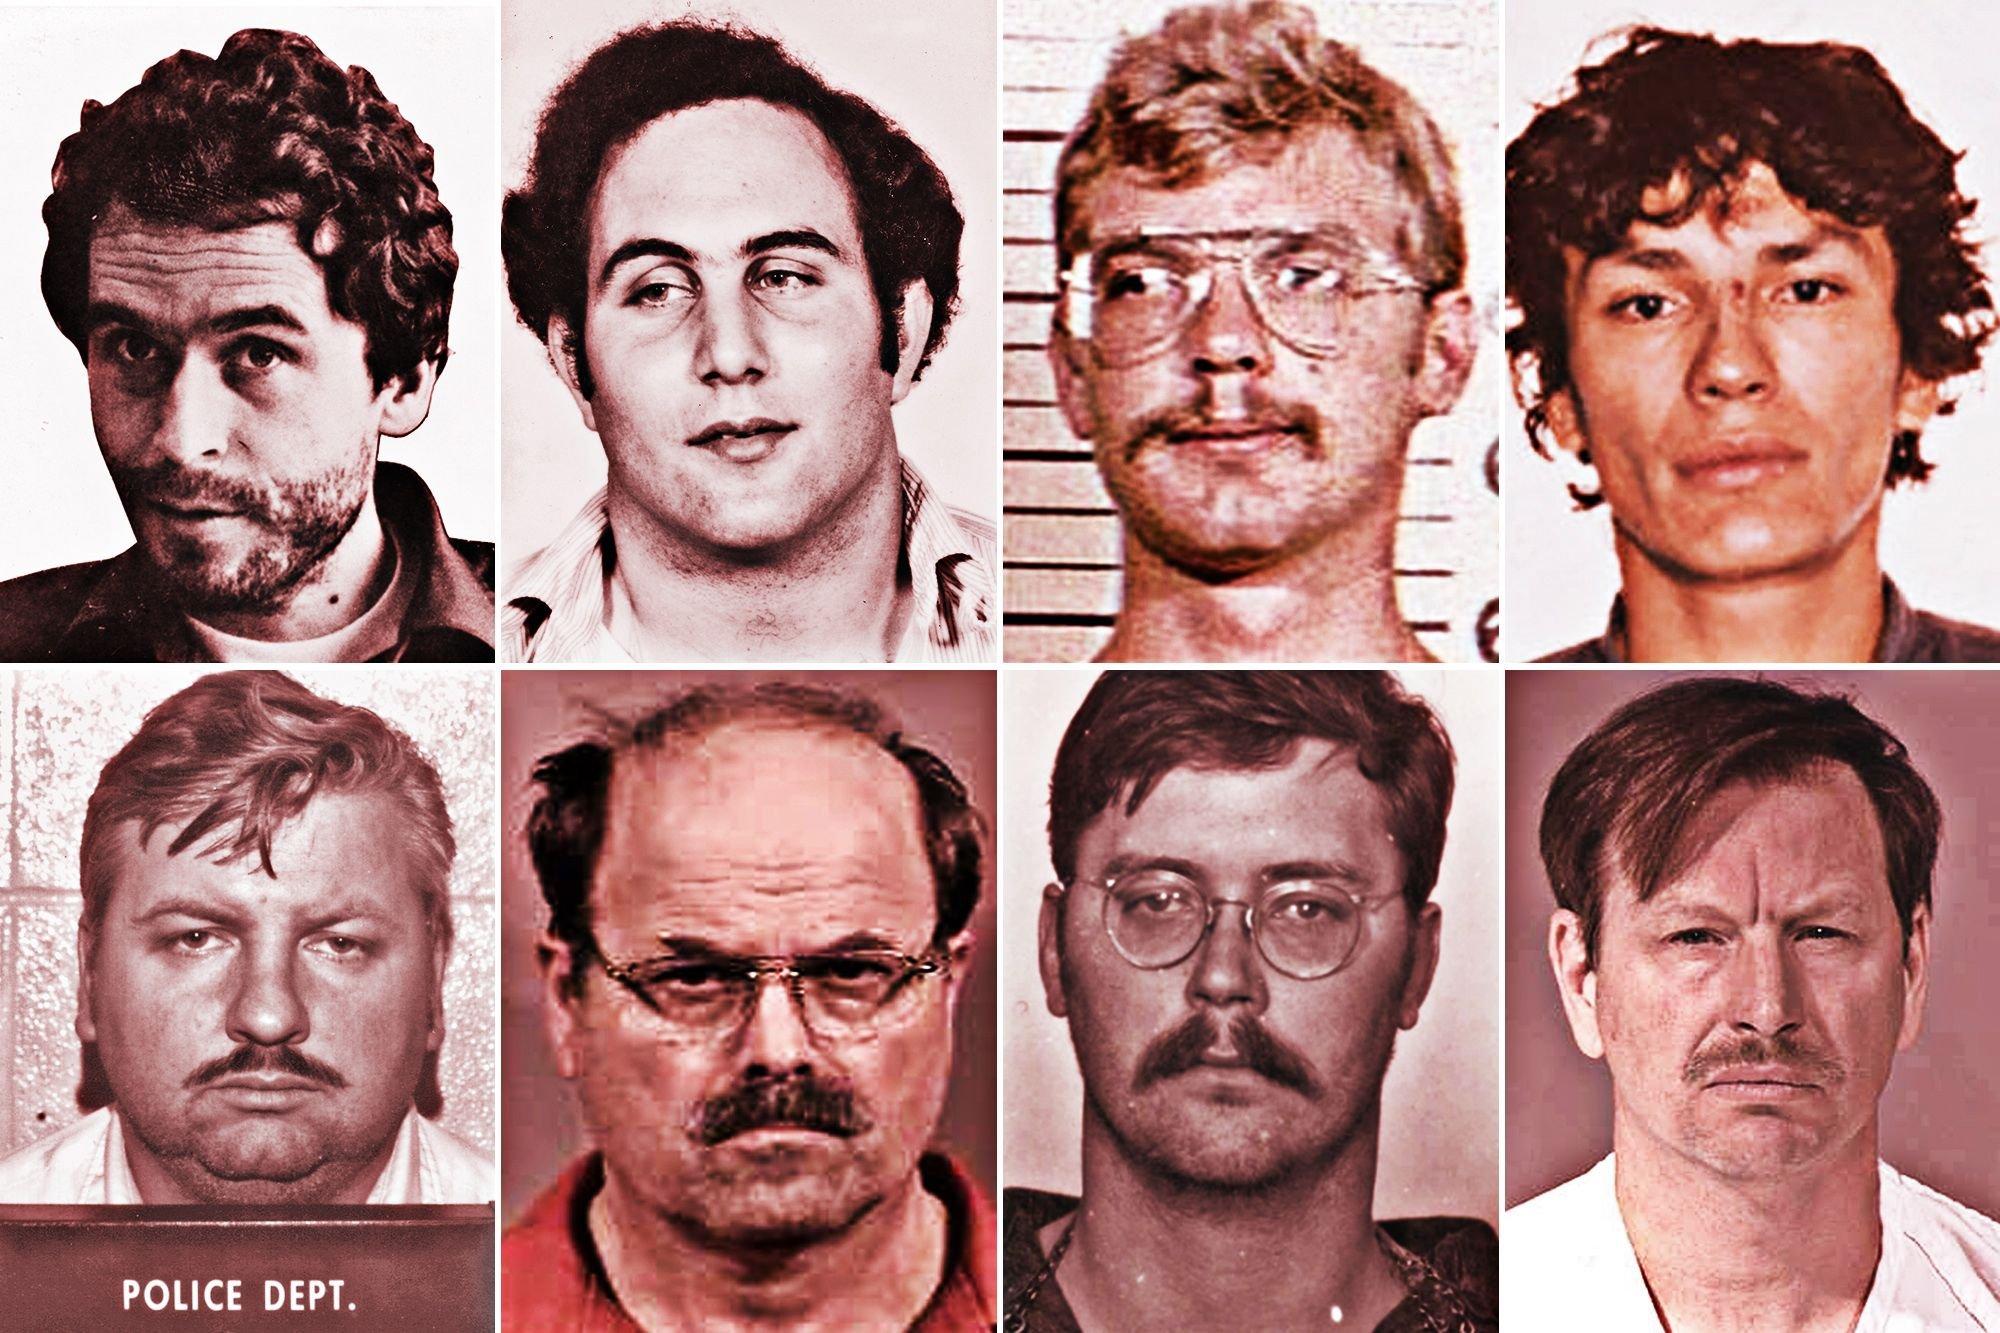 characteristics of a serial killer